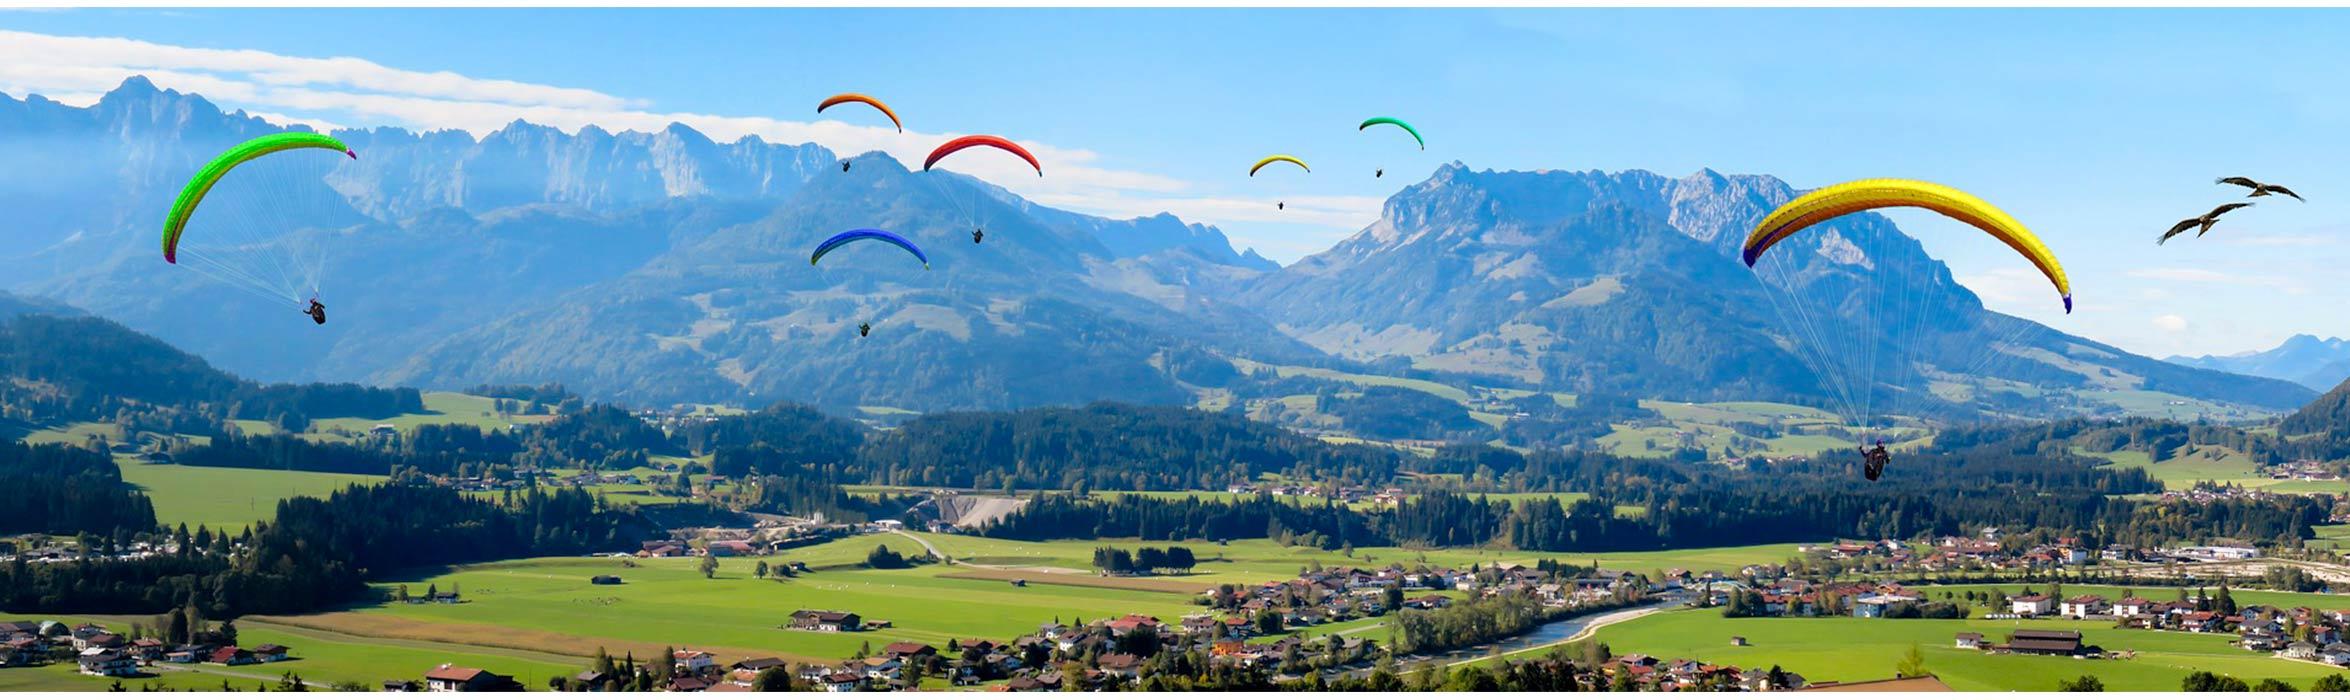 atom-paragliding-parapente